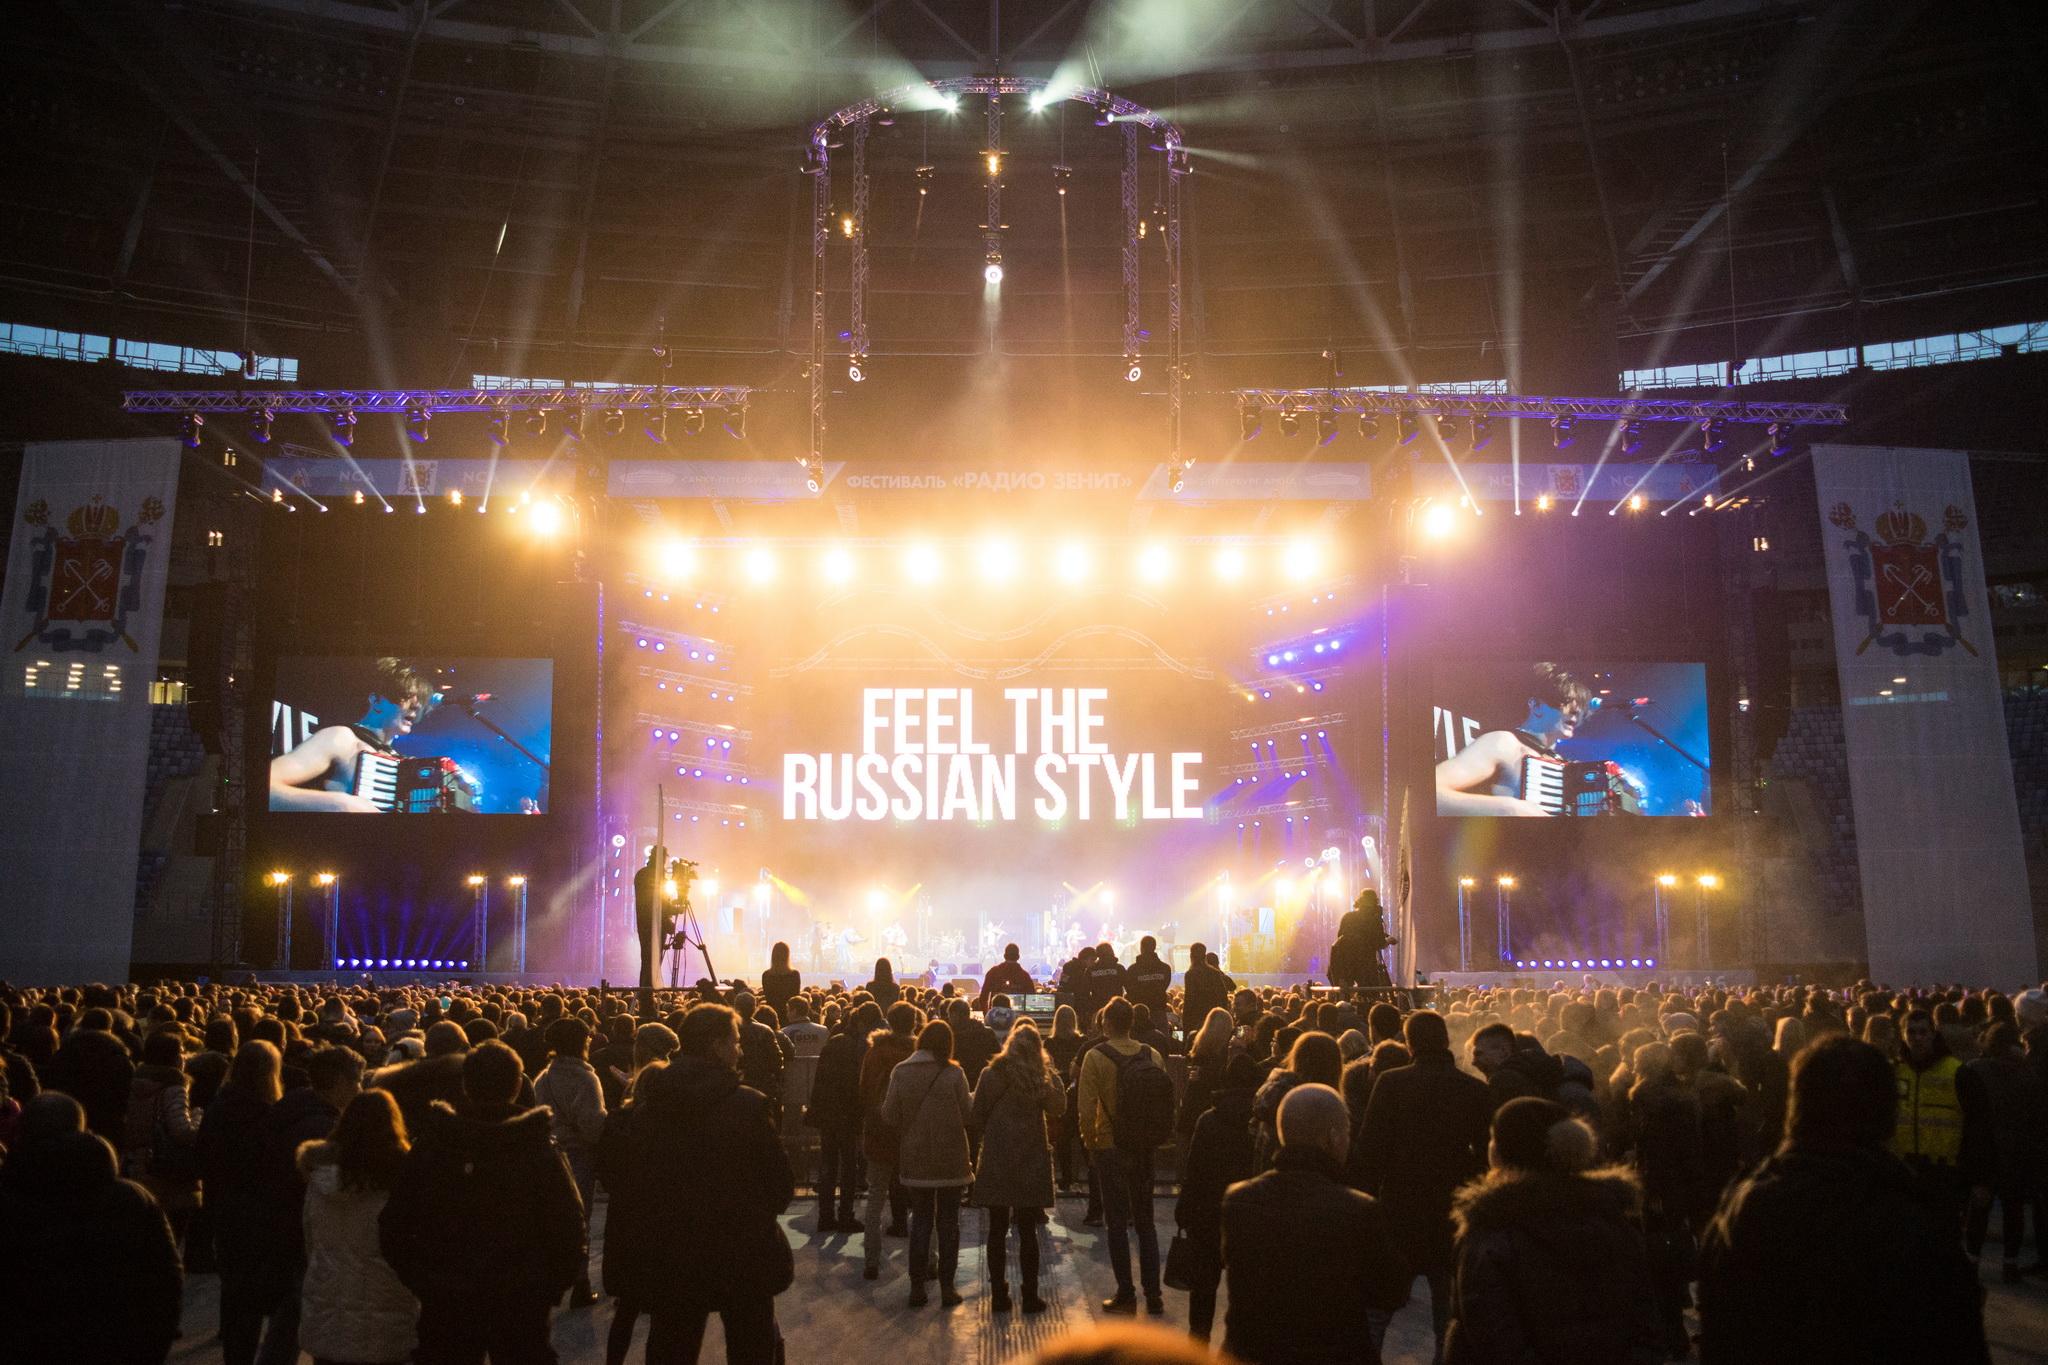 Стадион «Санкт-Петербург Арена» протестировали концертной программой на 35 тысяч зрителей